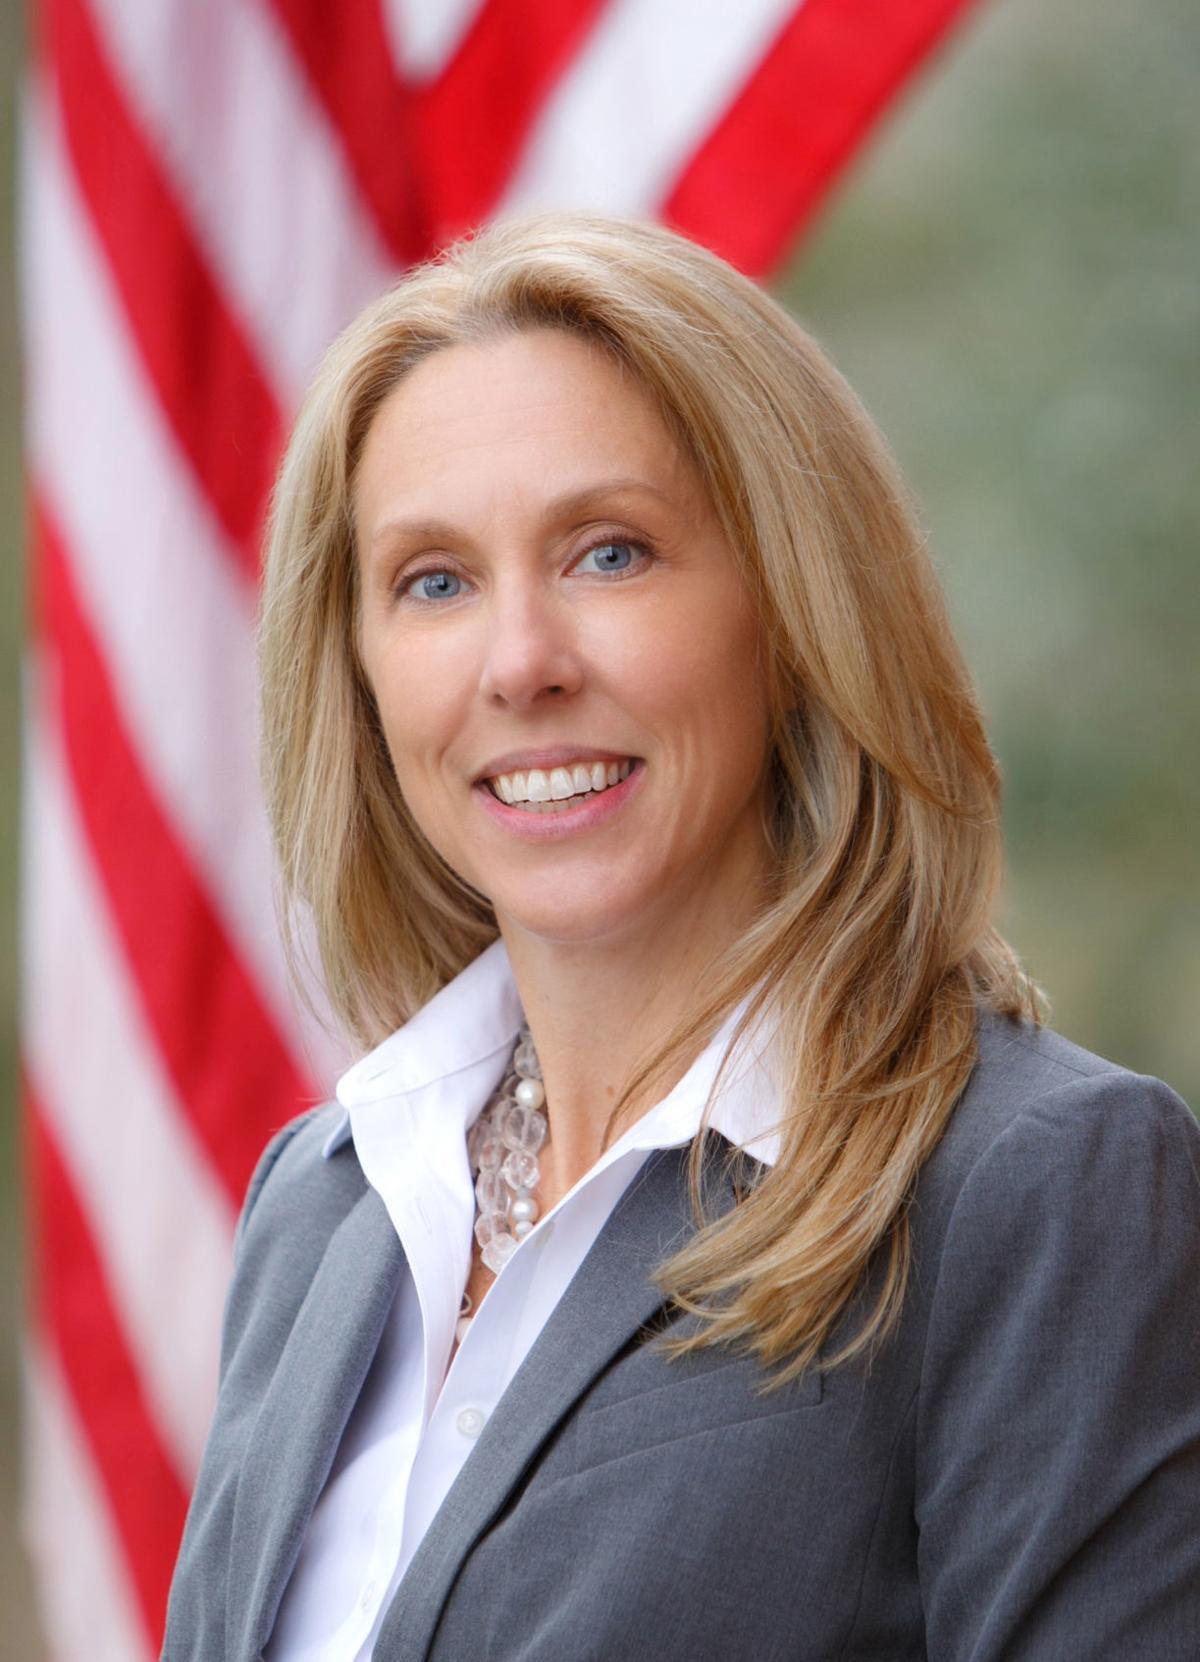 Dawn Keefer